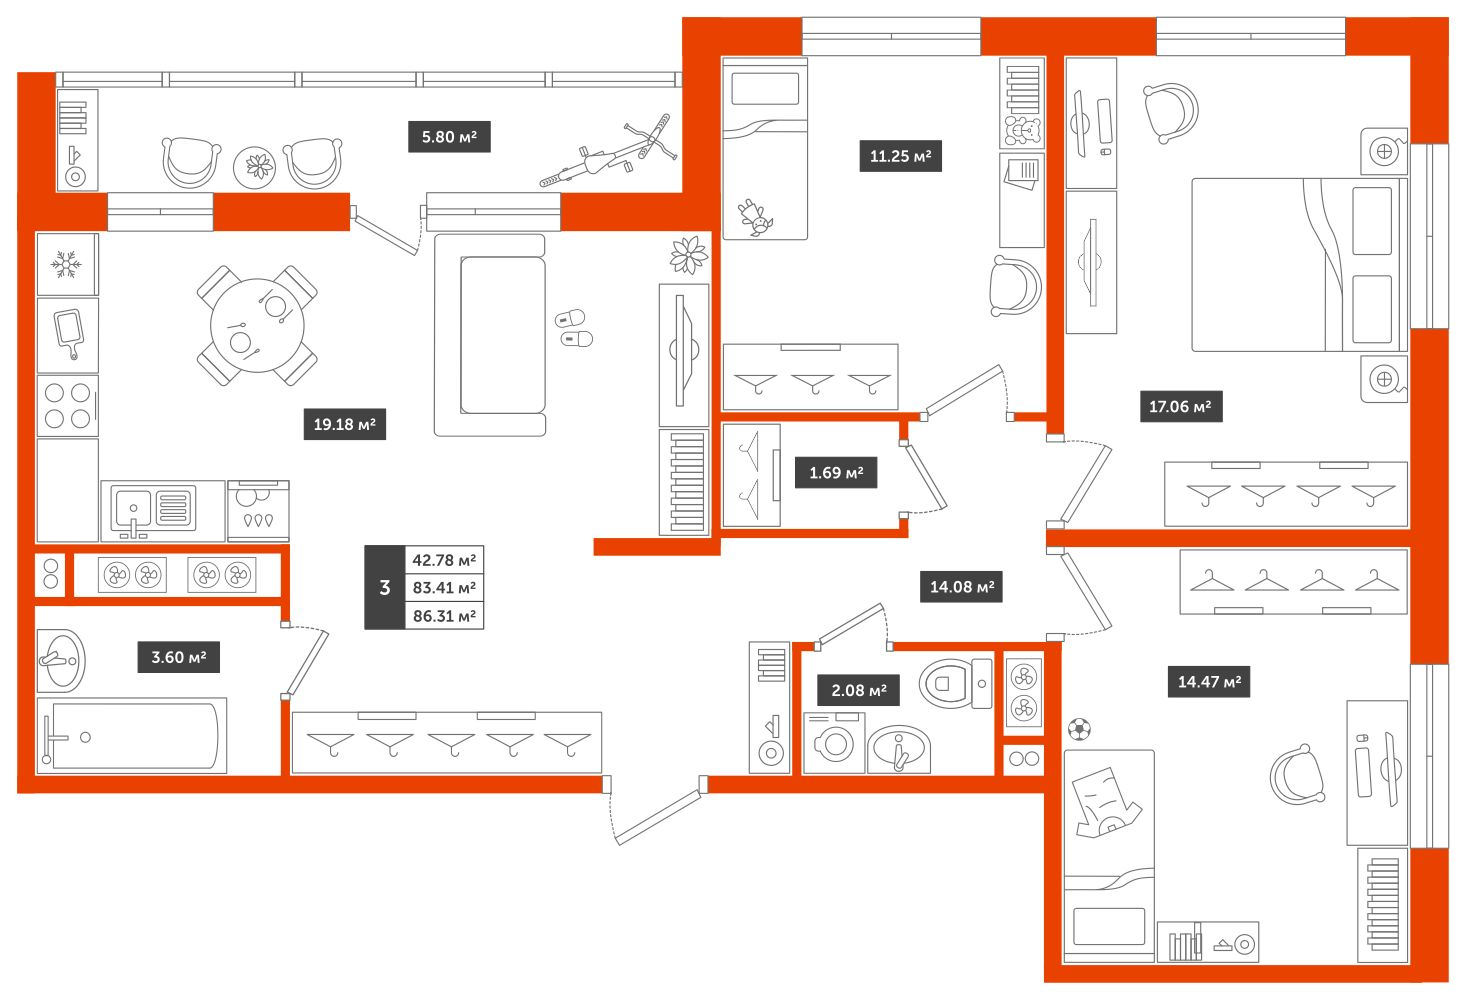 3-комнатная квартира, 86.31м² за 6,8 млн руб.